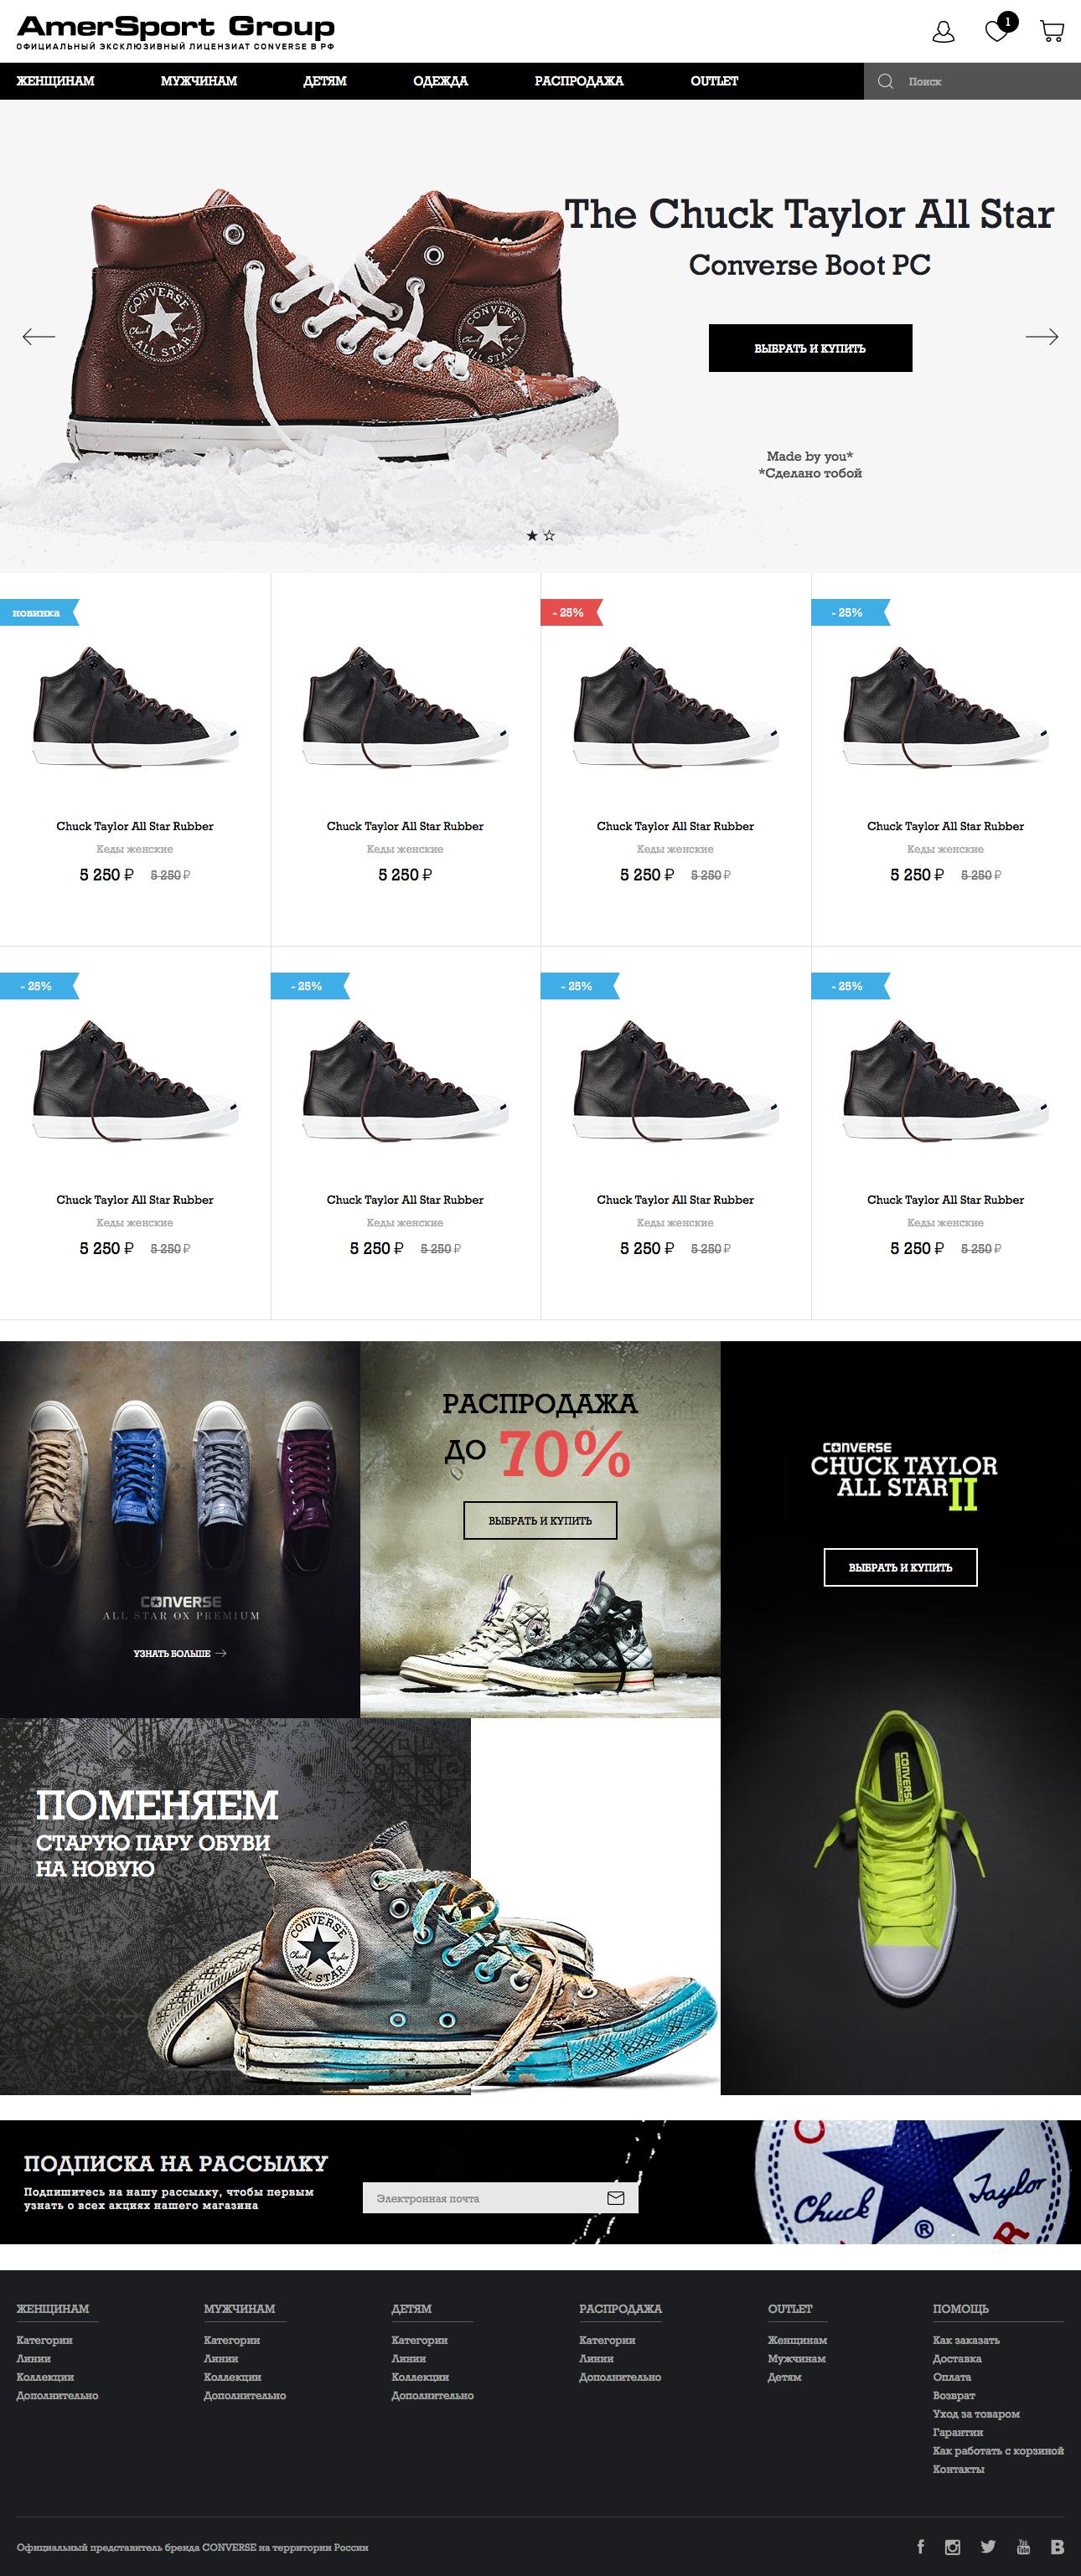 Адаптивная верстка интернет магазина amer sport